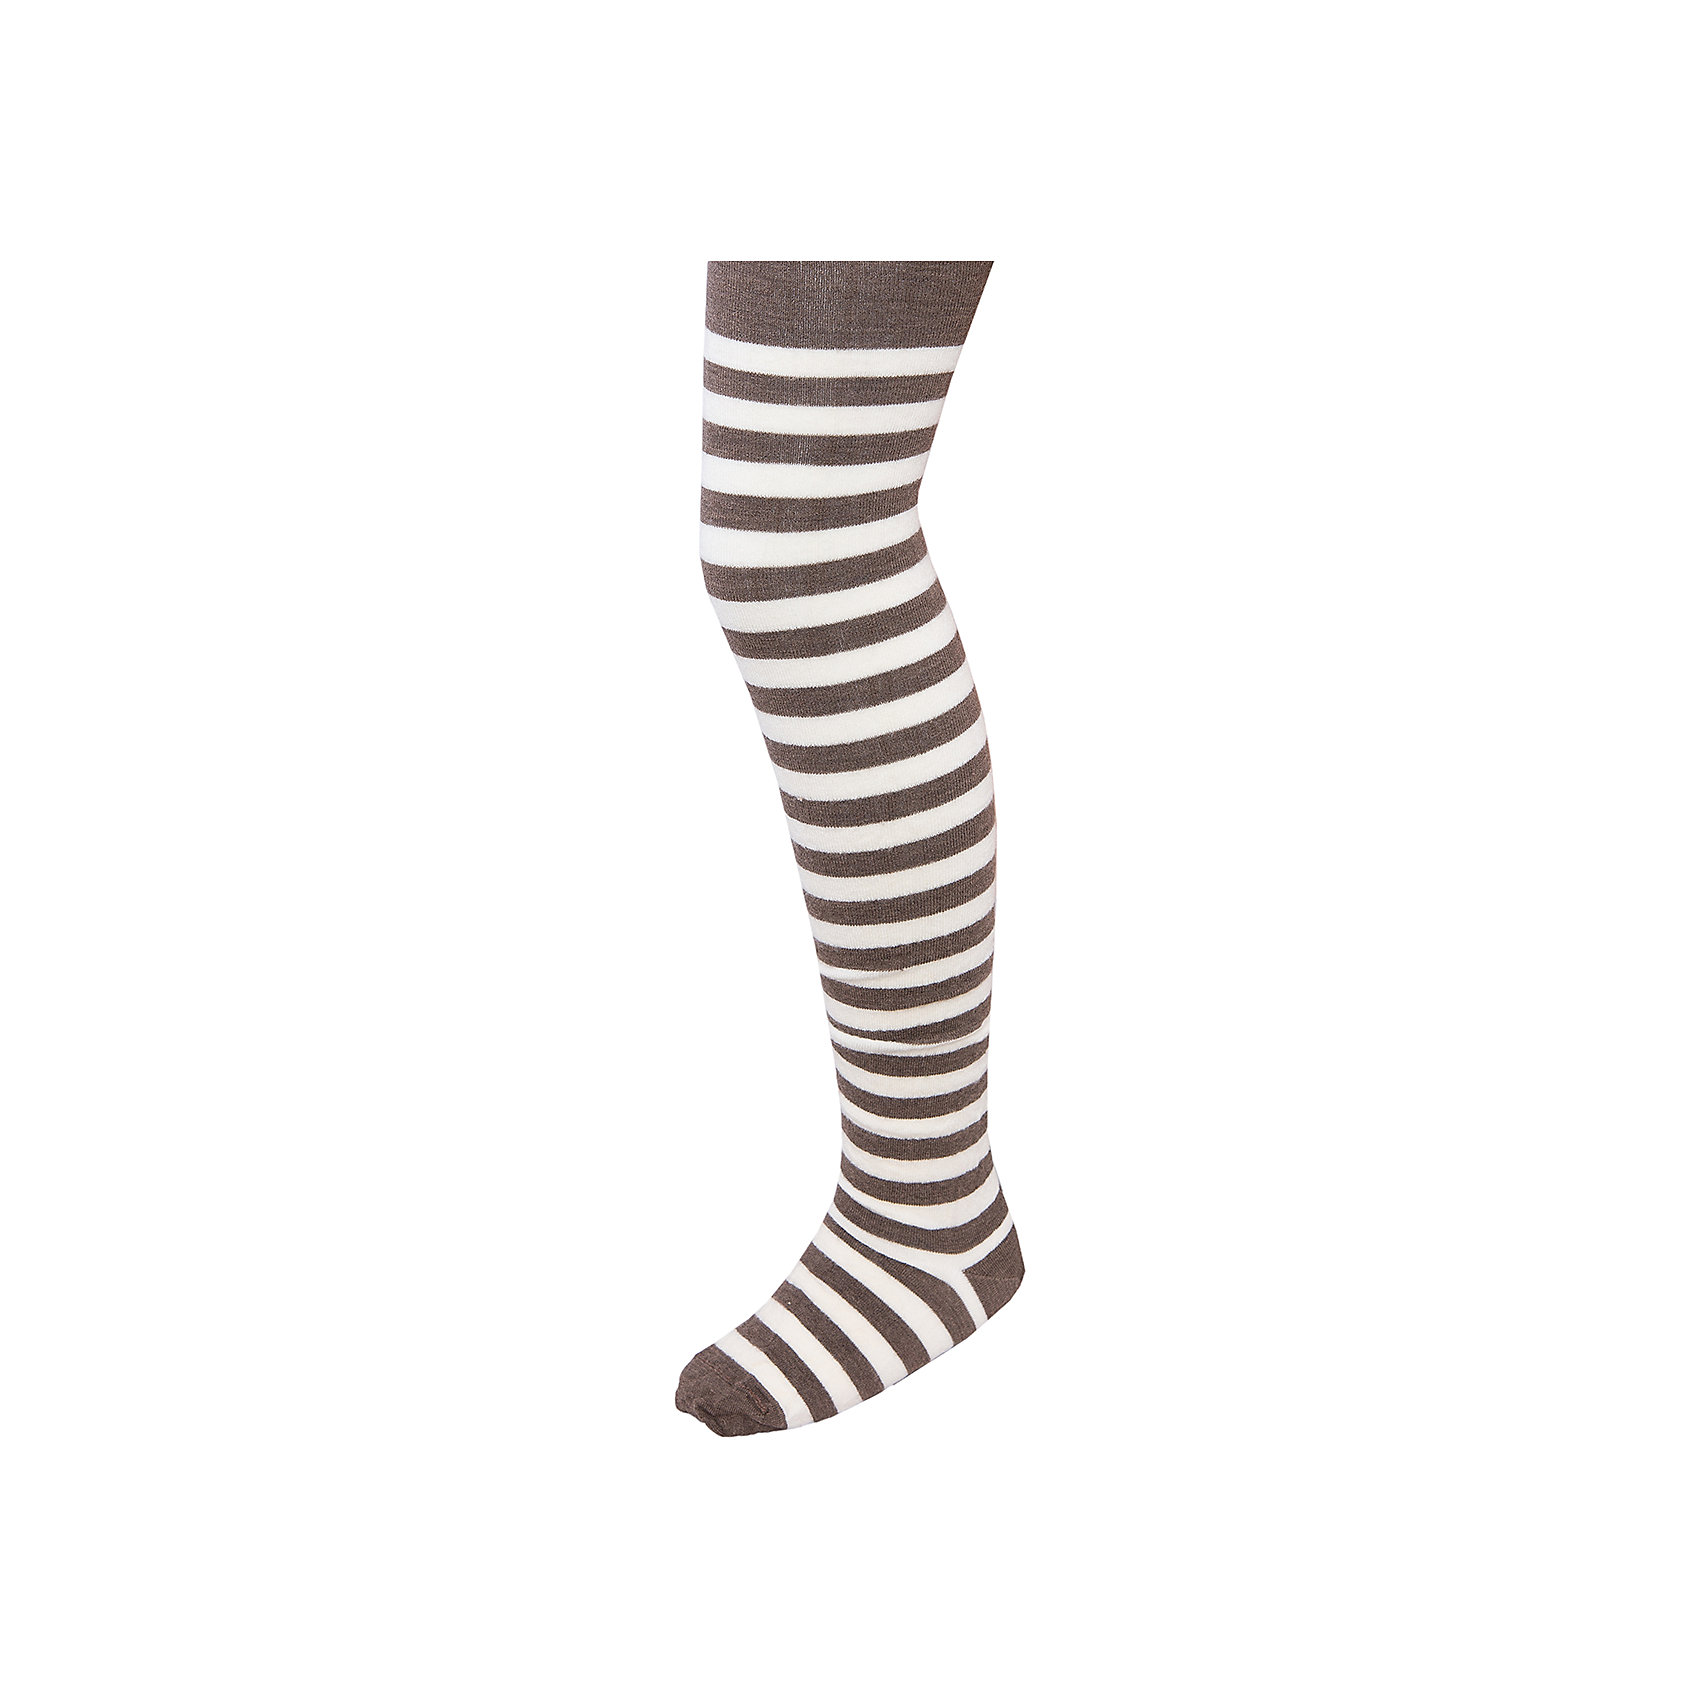 Колготки NorvegФлис и термобелье<br>Колготки от известного бренда Norveg<br><br>Термоколготки Norveg Merino Wool от немецкой компании Norveg (Норвег) - это удобная и красивая одежда, которая обеспечит комфортную терморегуляцию тела и на улице, и в помещении. <br>Они сделаны из шерсти мериноса (австралийской тонкорунной овцы), которая обладает гипоаллергенными свойствами, поэтому не вызывает раздражения, даже если надета на голое тело. <br>Отличительные особенности модели:<br><br>- цвет: коричневый с полосами;<br>- швы плоские, не натирают и не мешают движению;<br>- анатомические резинки;<br>- материал впитывает влагу и сразу выводит наружу;<br>- анатомический крой;<br>- подходит и мальчикам, и девочкам;<br>- не мешает под одеждой.<br><br>Дополнительная информация:<br><br>- Температурный режим: от - 30° С  до +5° С.<br><br>- Состав: 100% шерсть мериносов<br><br>Колготки Norveg (Норвег) можно купить в нашем магазине.<br><br>Ширина мм: 123<br>Глубина мм: 10<br>Высота мм: 149<br>Вес г: 209<br>Цвет: бежевый<br>Возраст от месяцев: 96<br>Возраст до месяцев: 108<br>Пол: Унисекс<br>Возраст: Детский<br>Размер: 134/140,74/80,122/128,110/116,98/104,86/92<br>SKU: 4224638